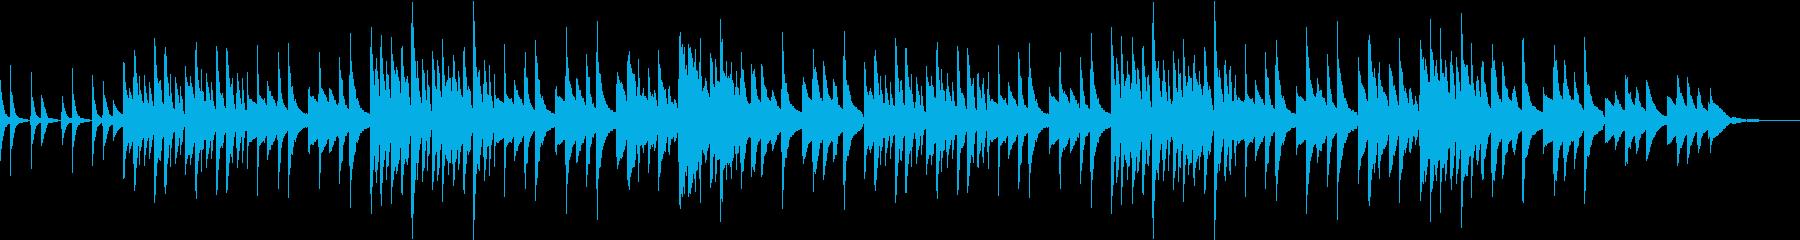 カリンバとギターのほんわかしたワルツの再生済みの波形